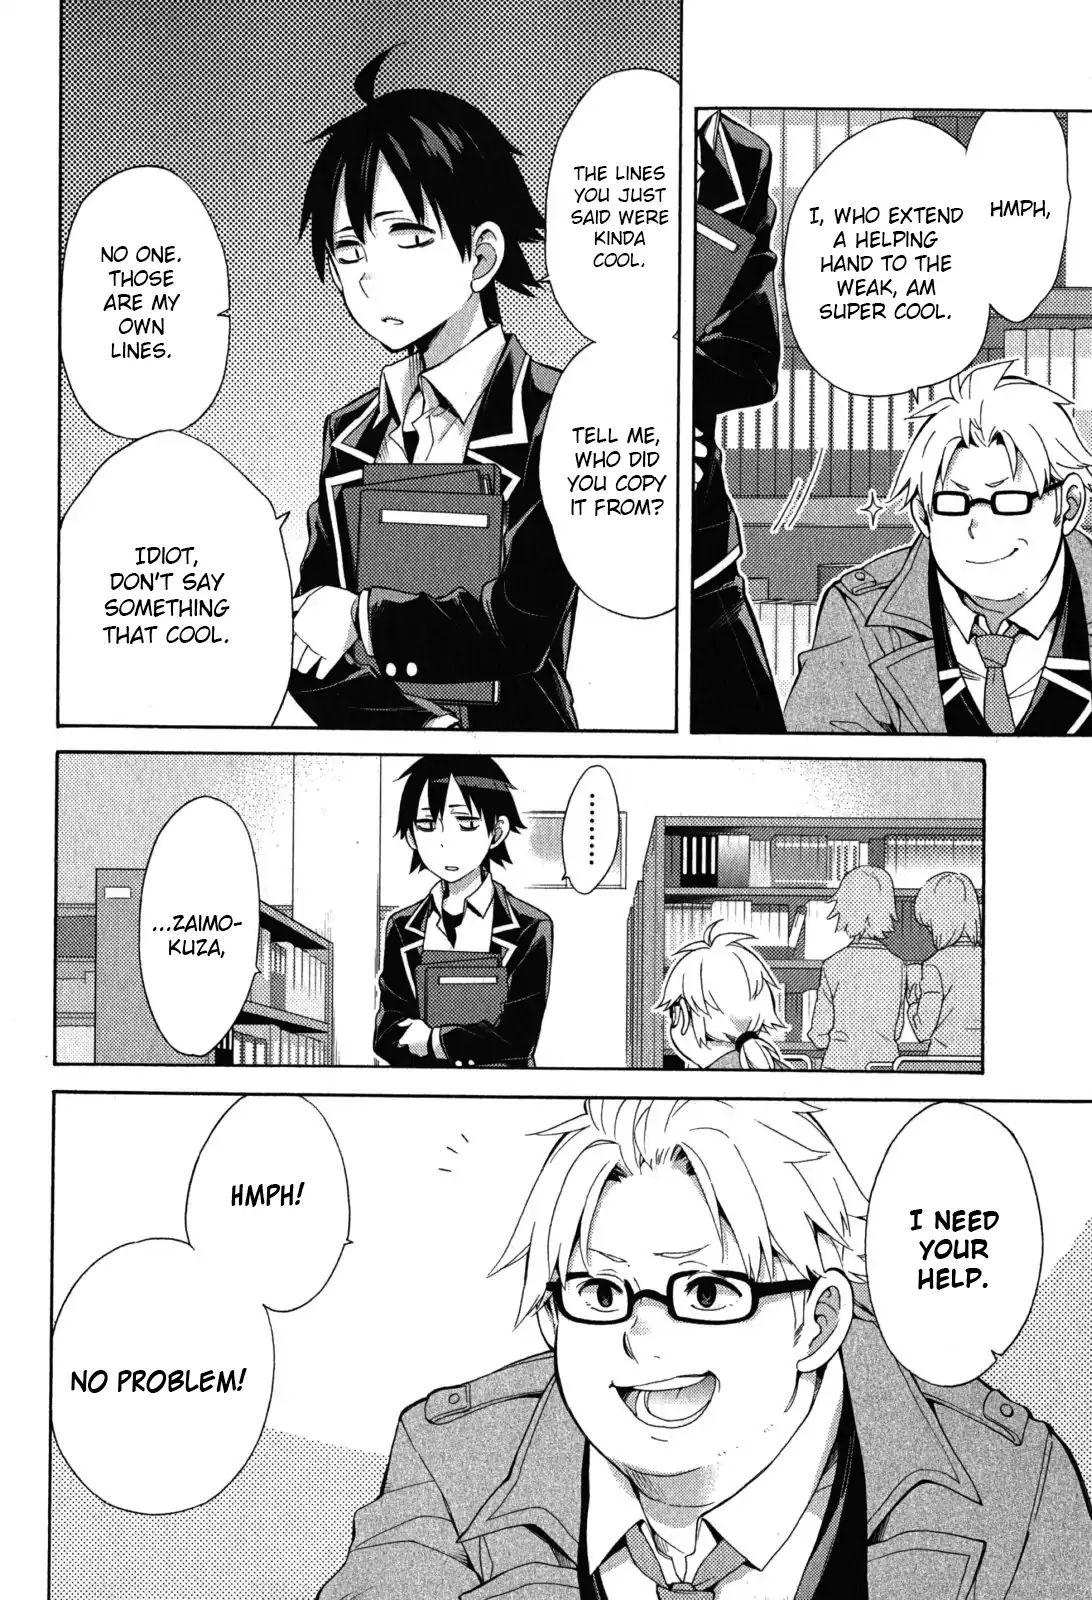 manga, Oregairu, Oregairu manga, Yahari Ore no Seishun Love Comedy wa Machigatteiru, Yahari Ore no Seishun Love Comedy wa Machigatteiru manga, manga online,english manga